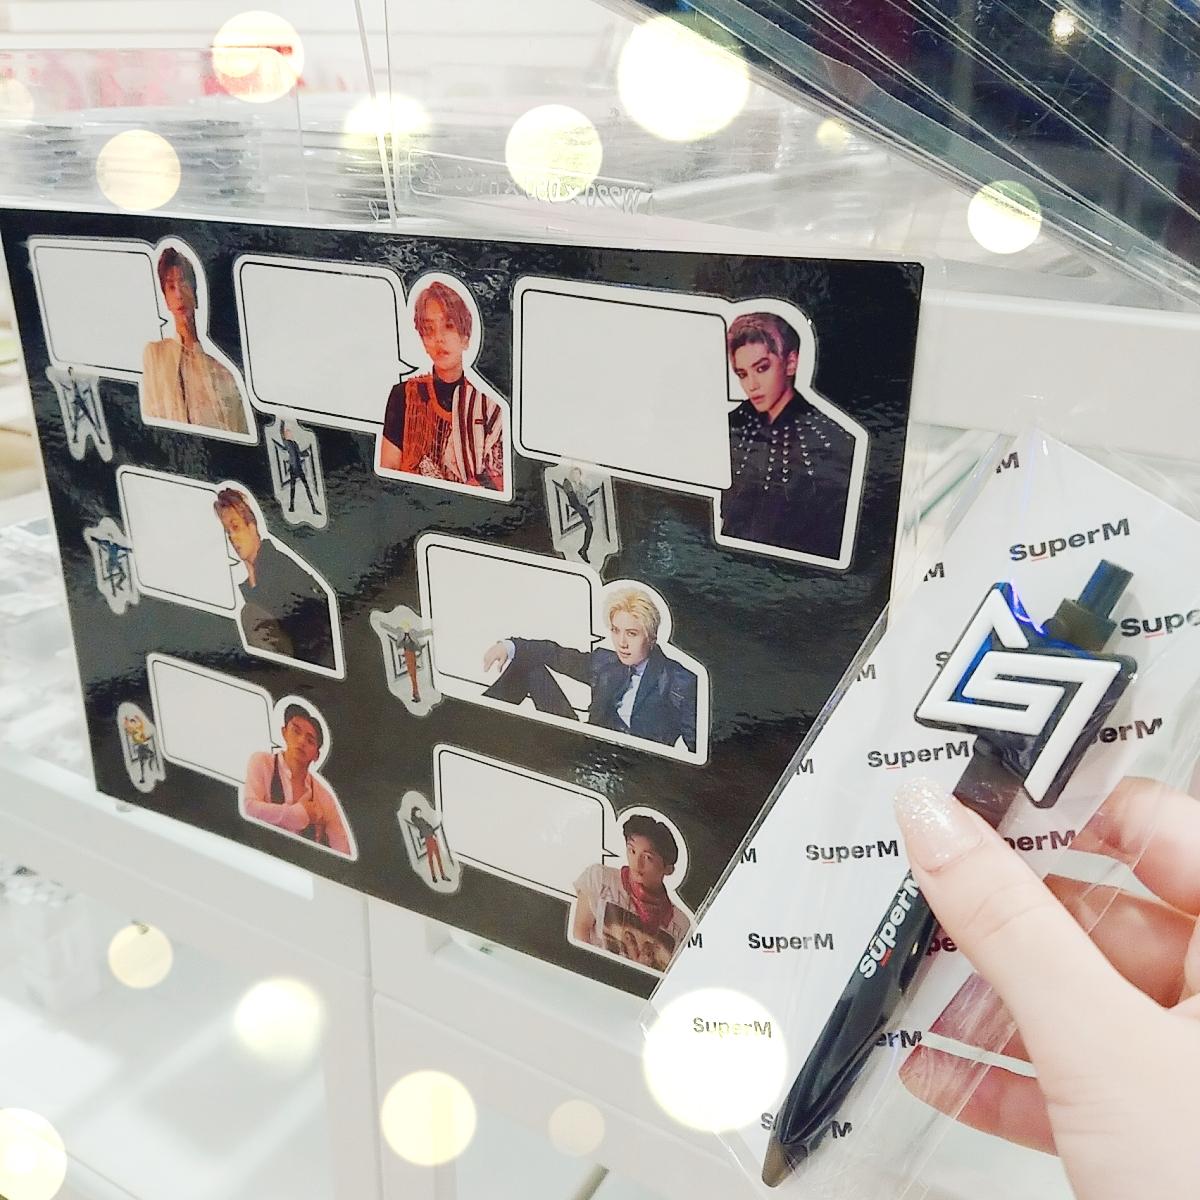 【#SuperM】 『SuperM Japan Official Goods』 「ボールペン」 「メッセージ付き付箋」 「マスキングロールステッカー」 ちょっとしたメッセージを書くのにオススメ🎶 ノートやダイアリーなどに貼って 可愛くデコレーション💕😊 あなたは何を書きますか🎶 #SuperM好きな人と繋がりたい https://t.co/MZG11QCOIT